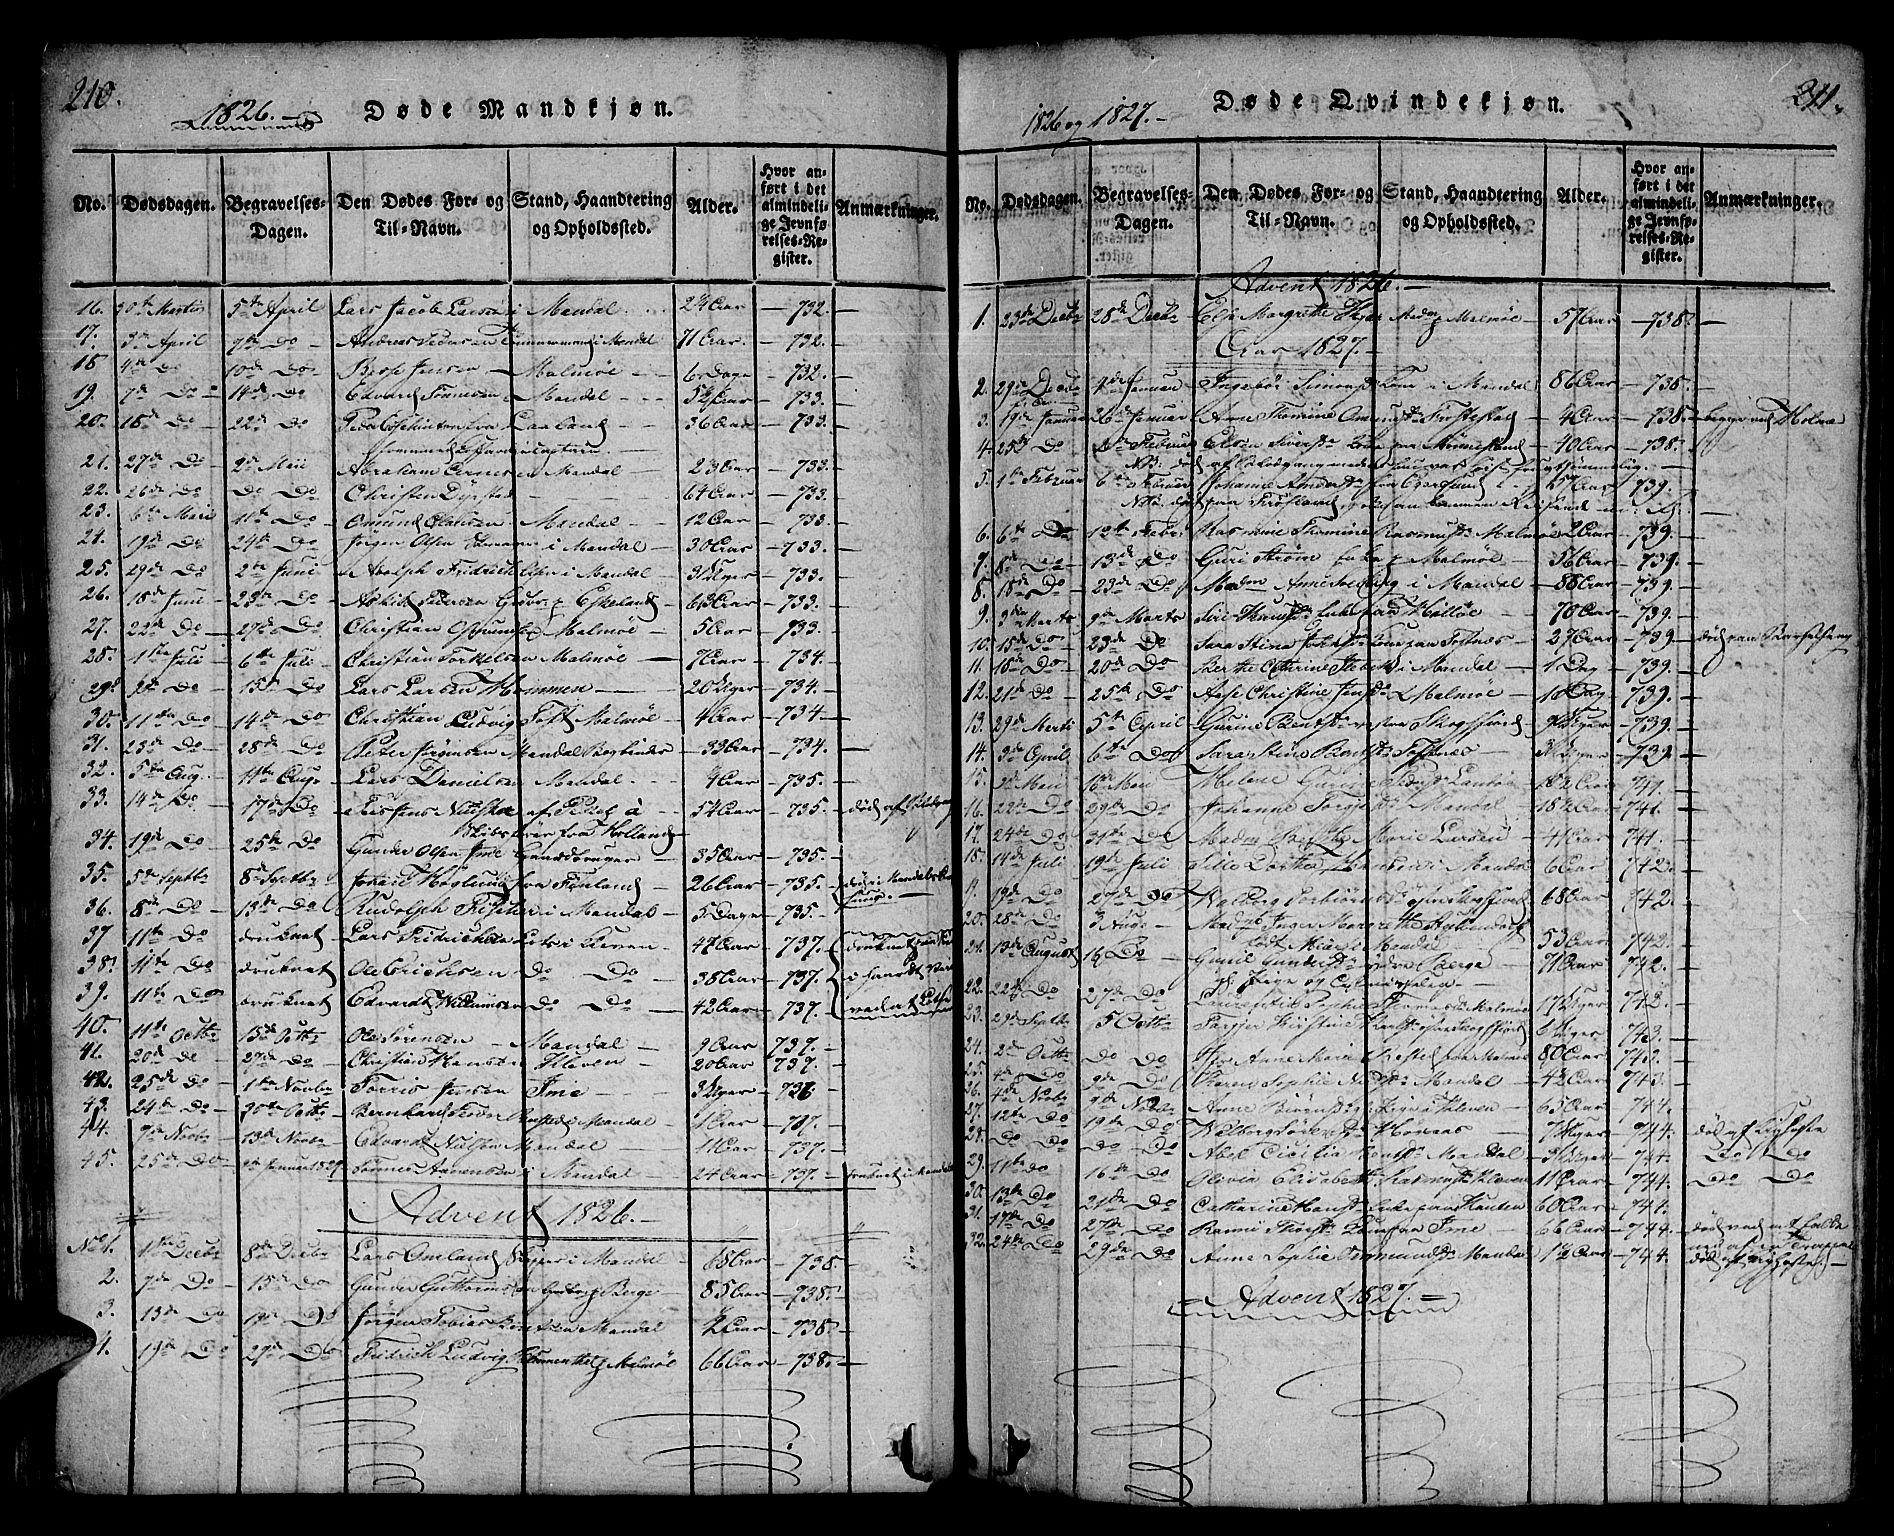 SAK, Mandal sokneprestkontor, F/Fa/Faa/L0010: Ministerialbok nr. A 10, 1817-1830, s. 210-211